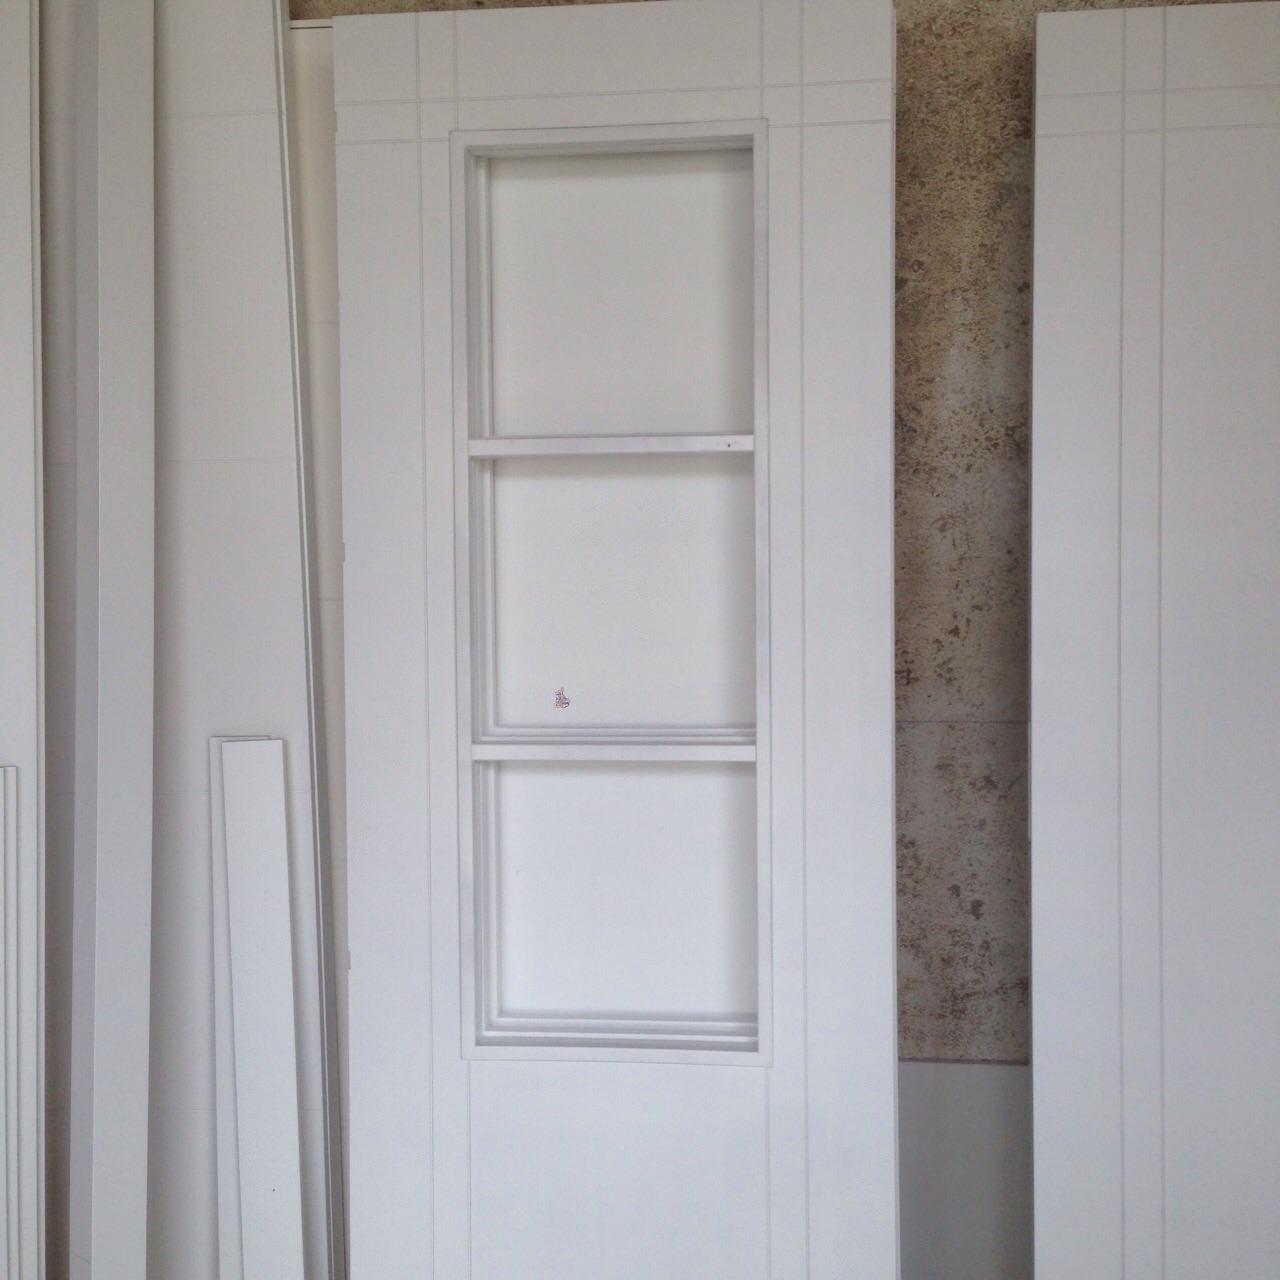 Puertas lacadas en blanco economicas en granada - Puertas lacadas en blanco ...